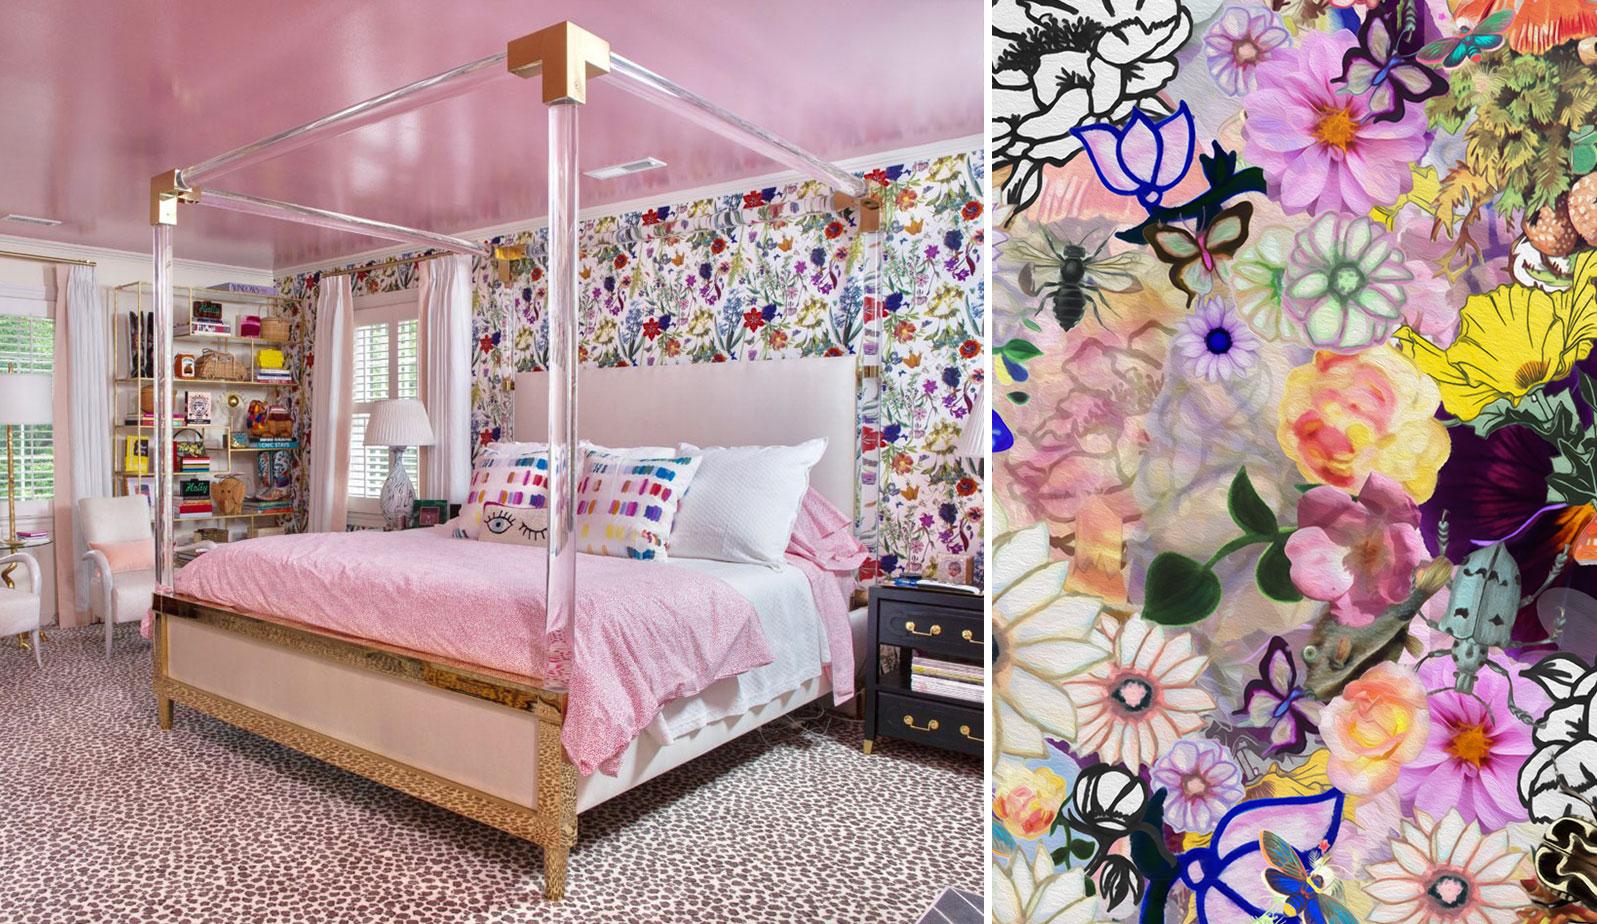 Kristi Kohut Colorful Floral Wallpaper